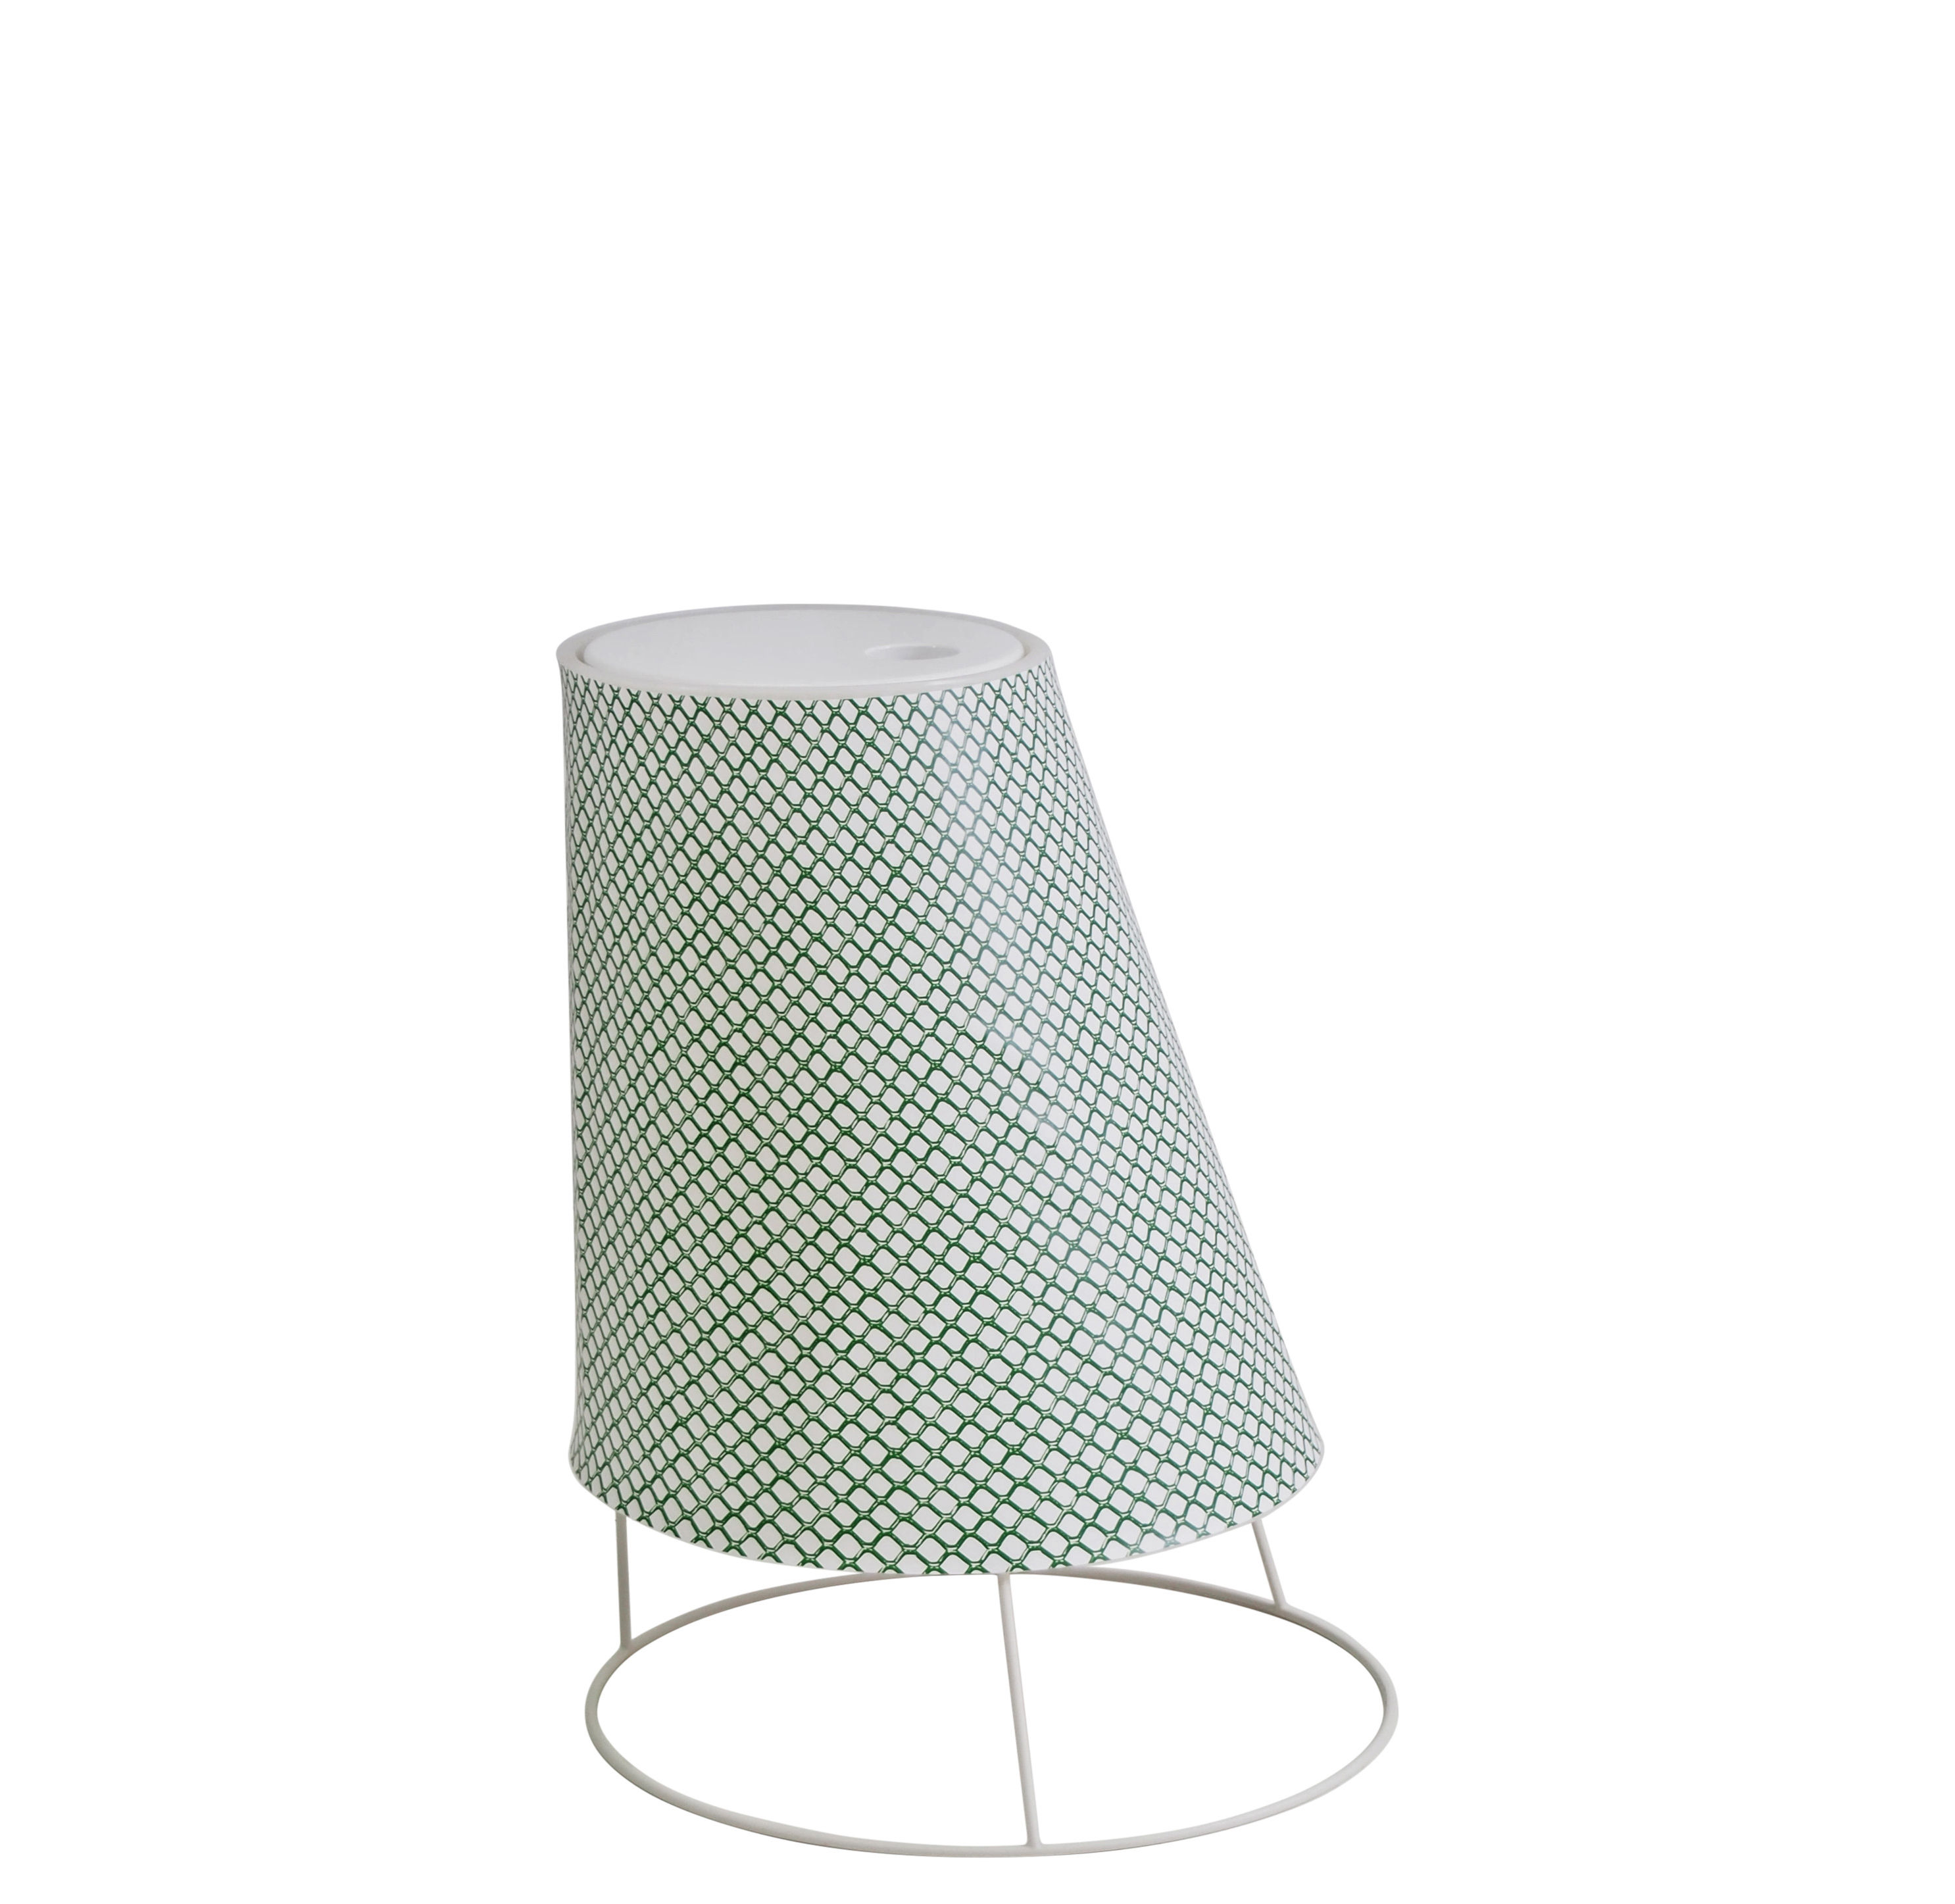 lampe sans fil cone led small h 22 cm grillage vert emu. Black Bedroom Furniture Sets. Home Design Ideas